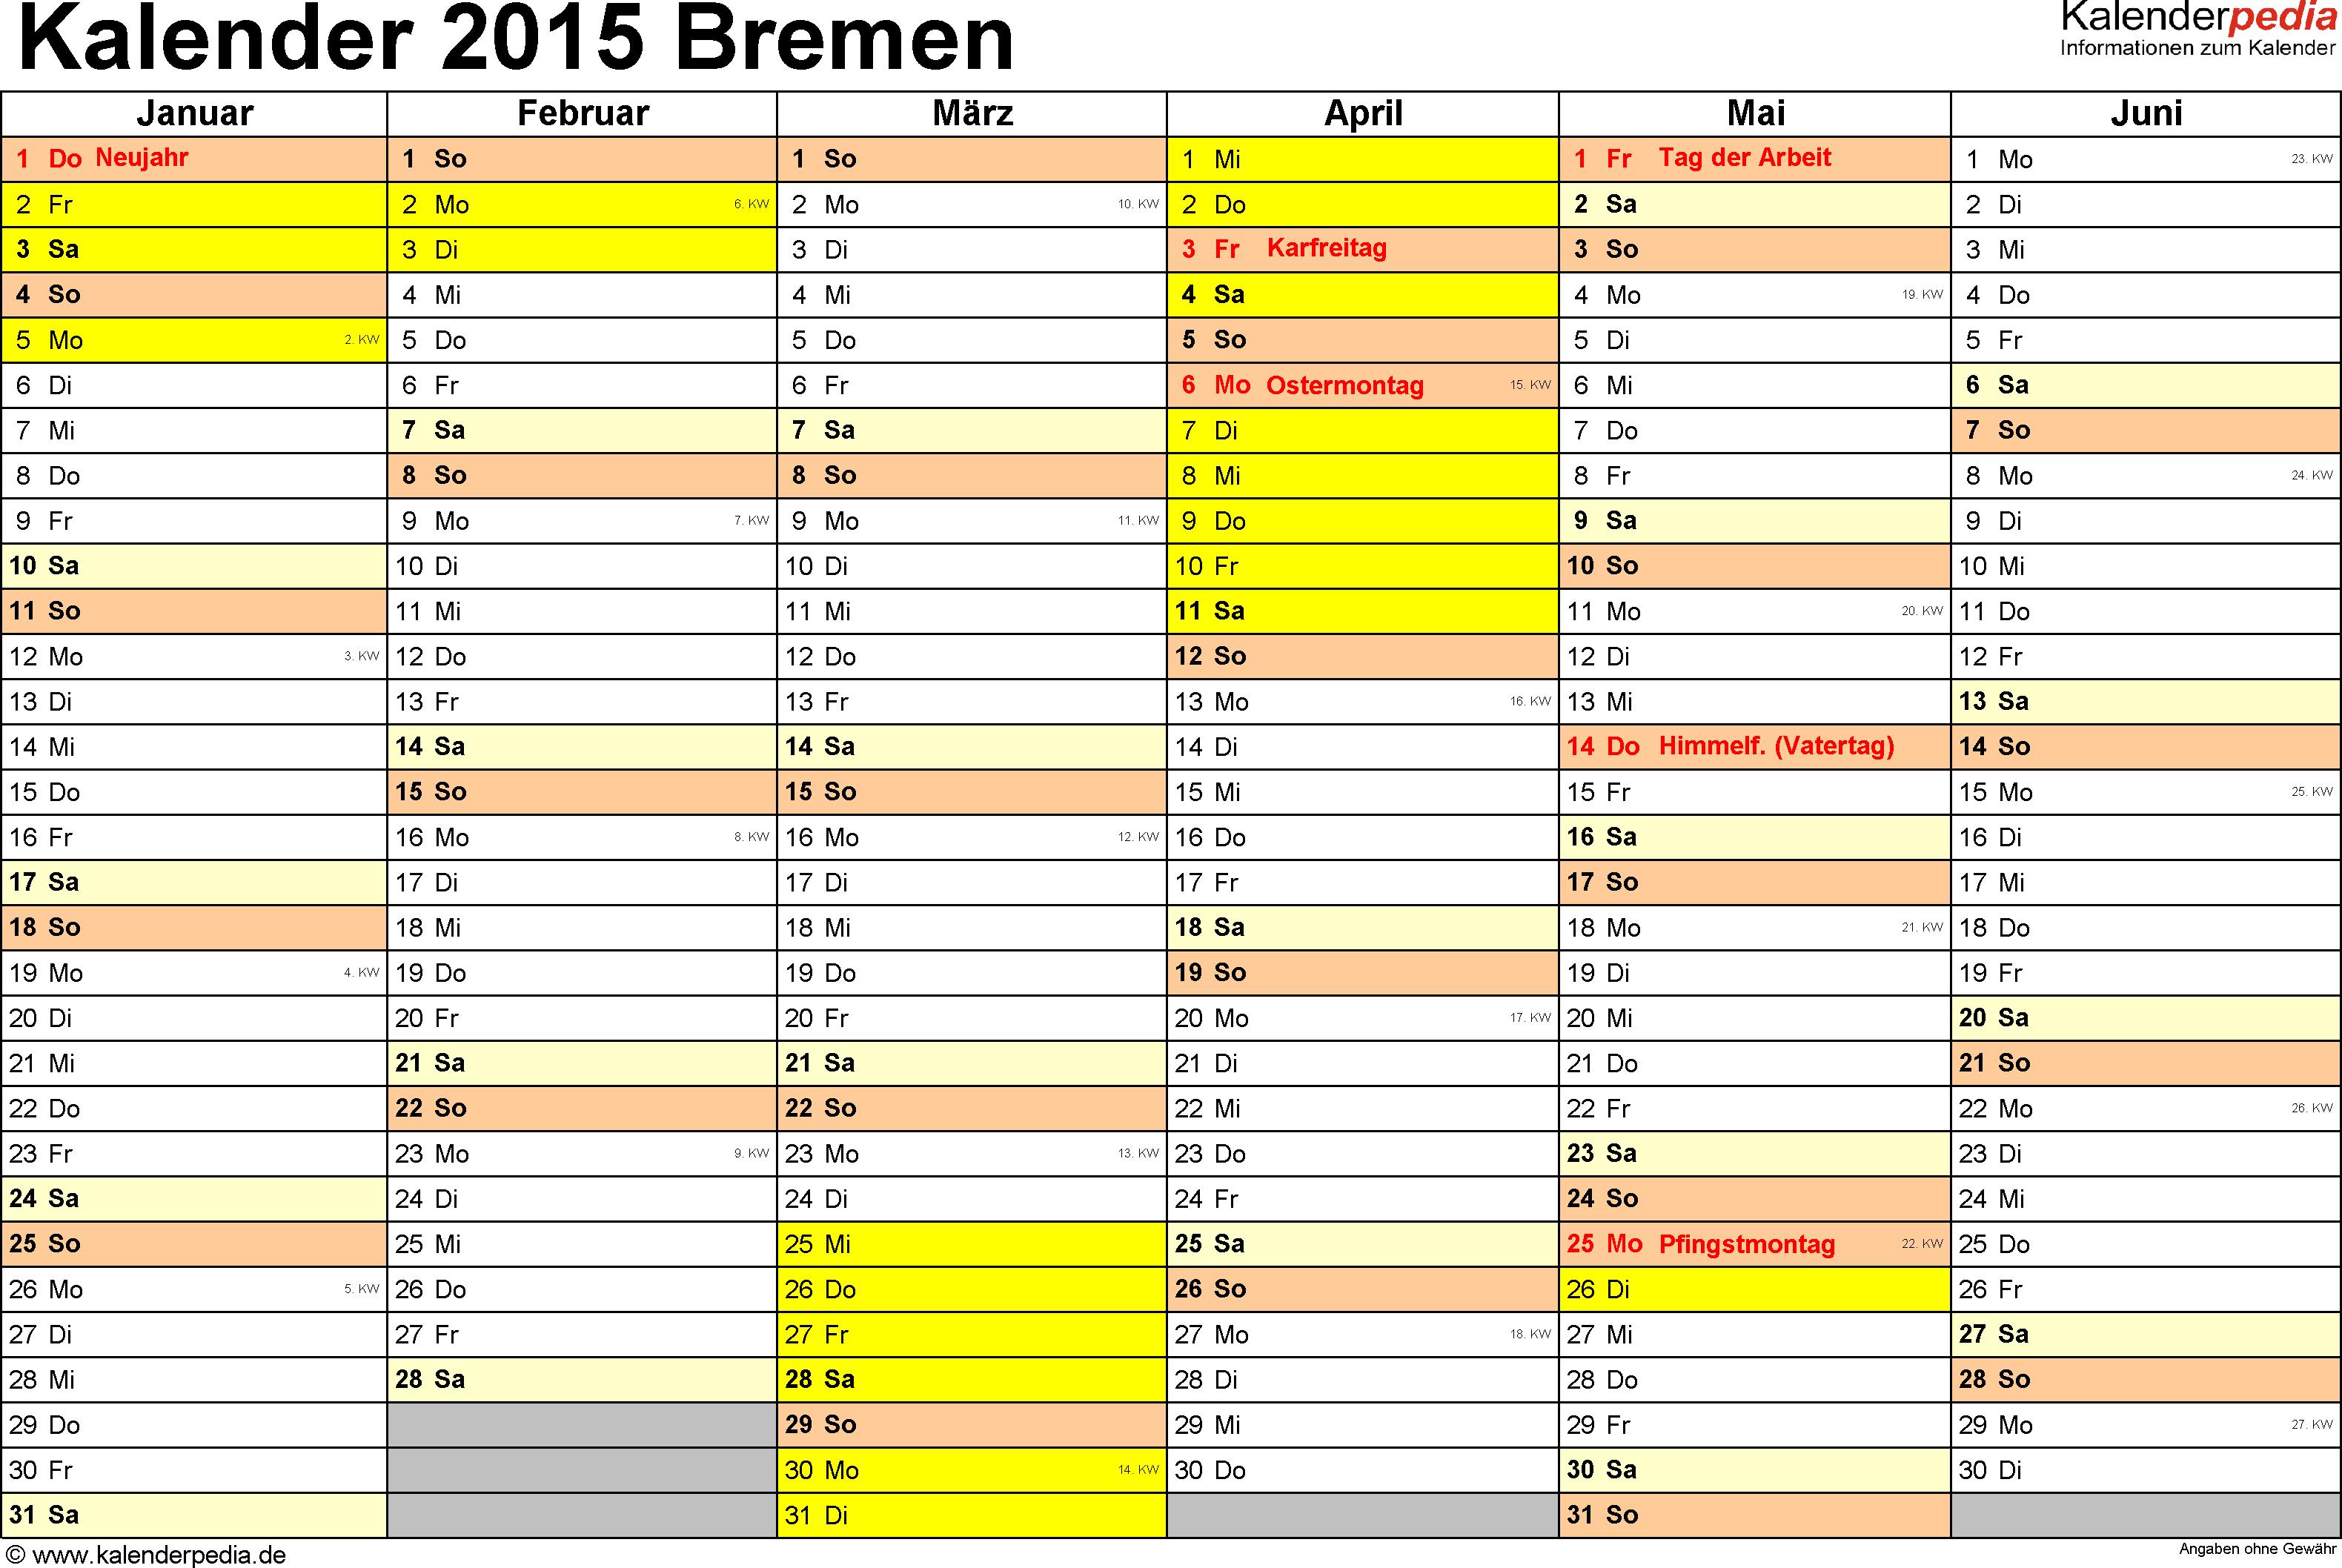 Vorlage 3: Kalender 2015 für Bremen als Excel-Vorlagen (Querformat, 2 Seiten)